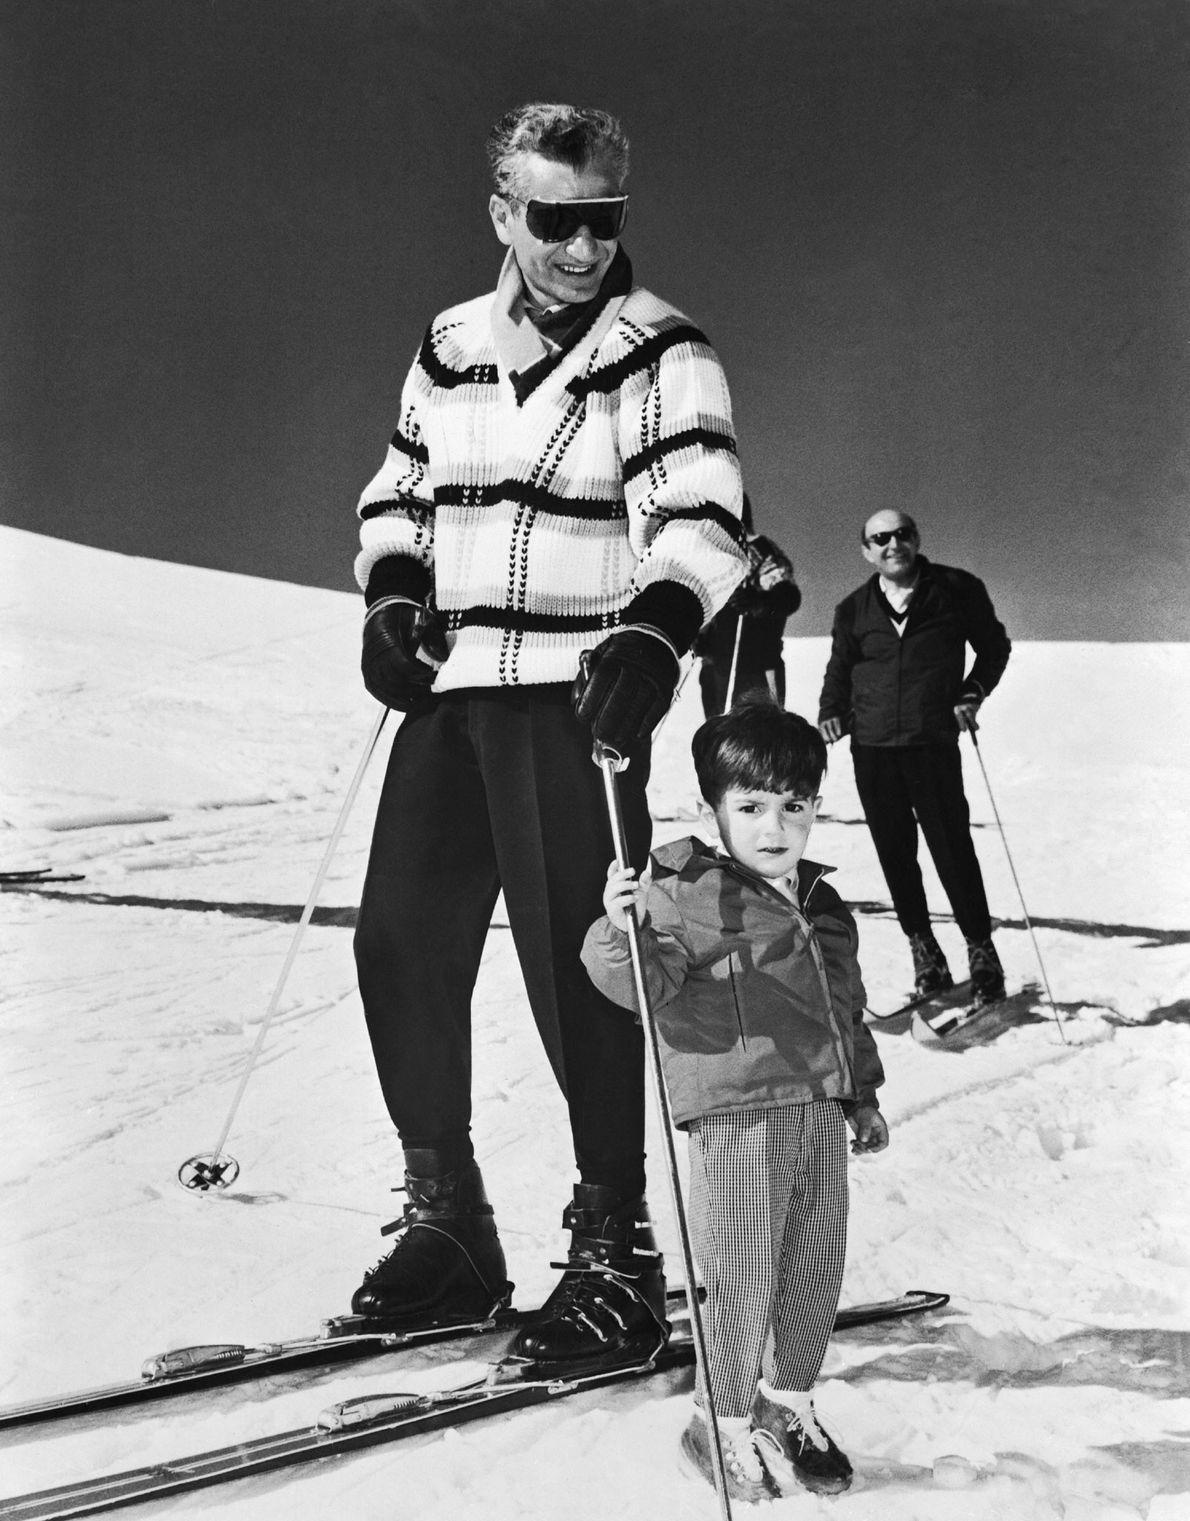 Der iranische Schah Mohammad Reza Pahlavi und sein Sohn